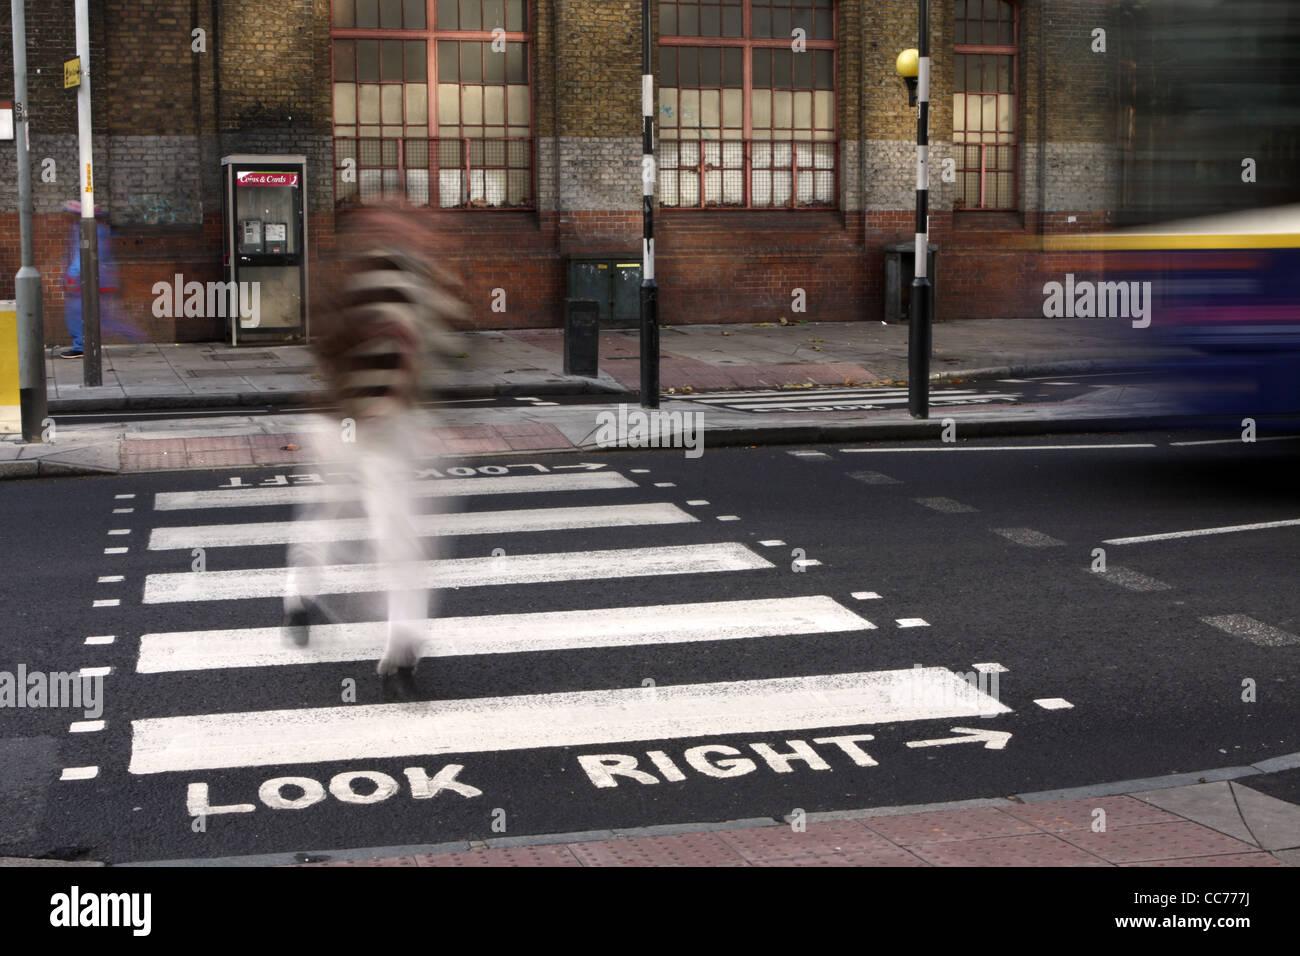 a blurred figure walks across a zebra crossing in London Stock Photo